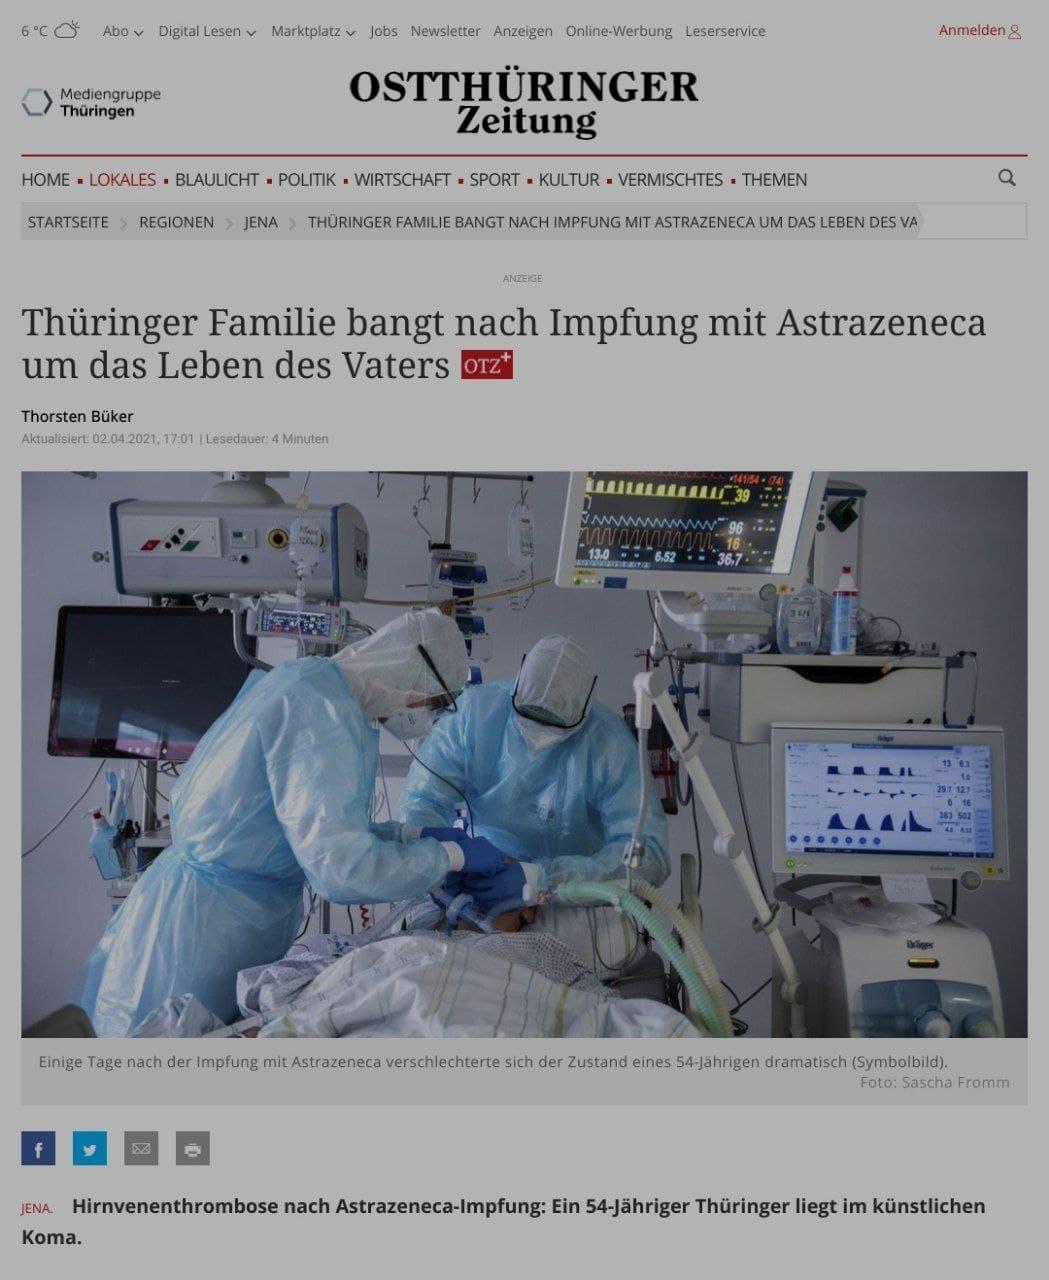 Thüringer Familie